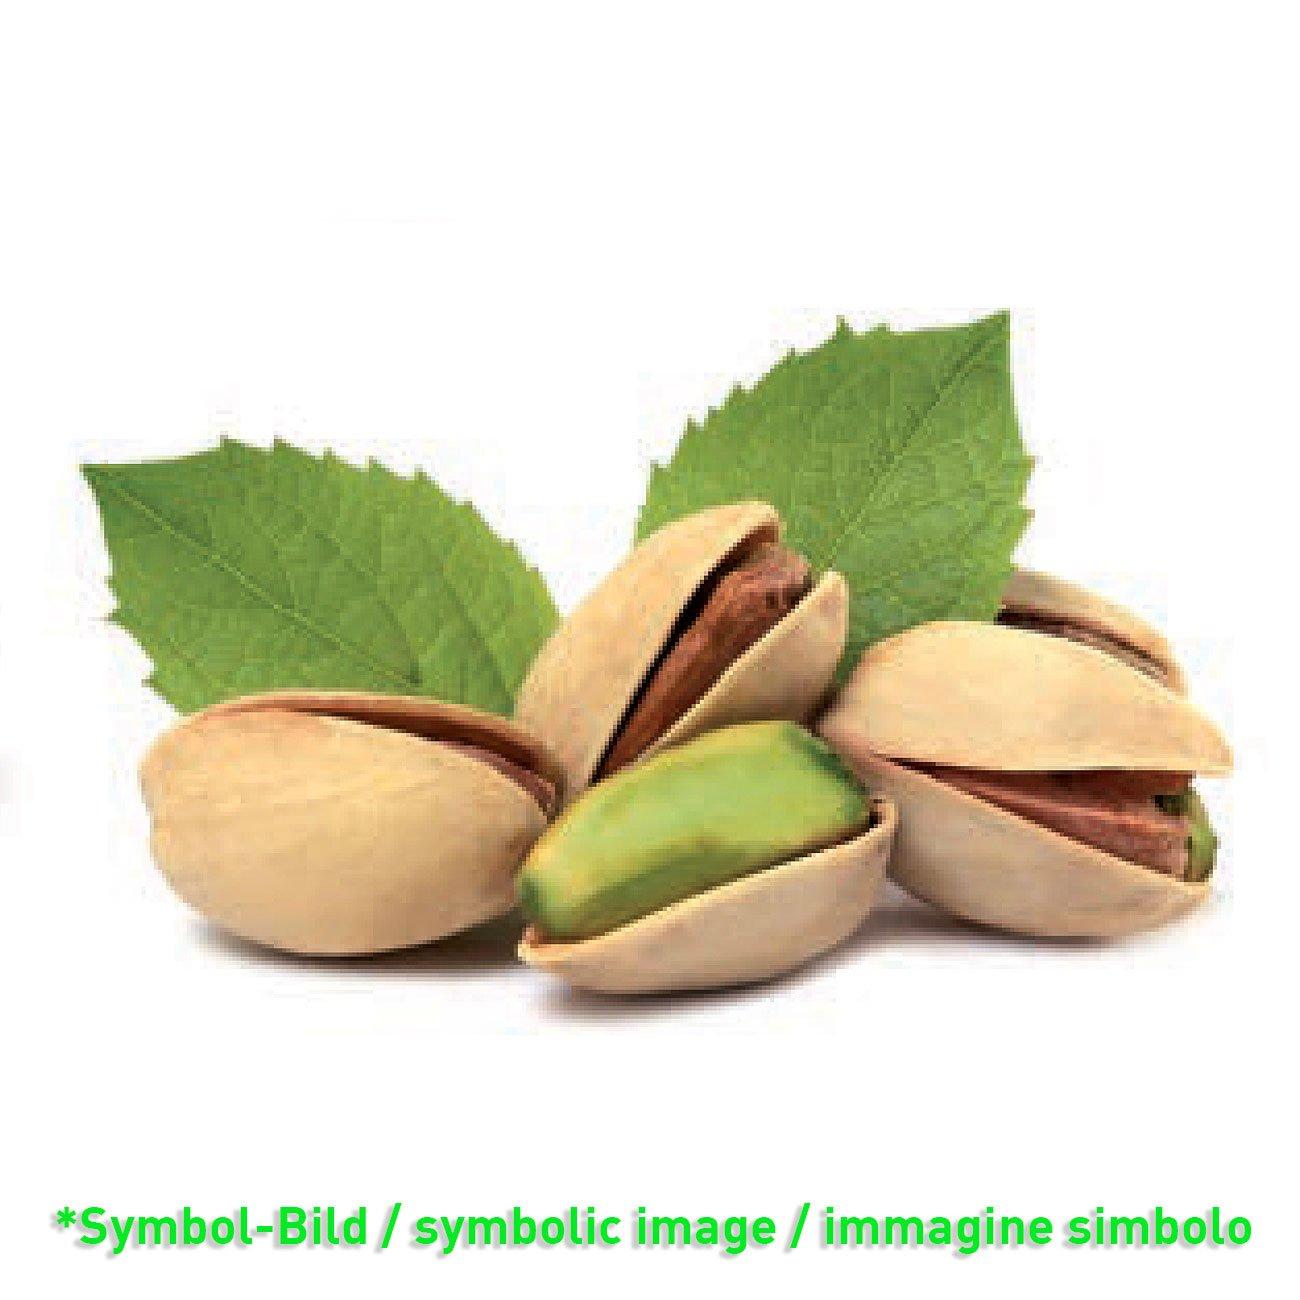 pistachio / pistacchio - bag 1 kg - Ice cream decoration garnish